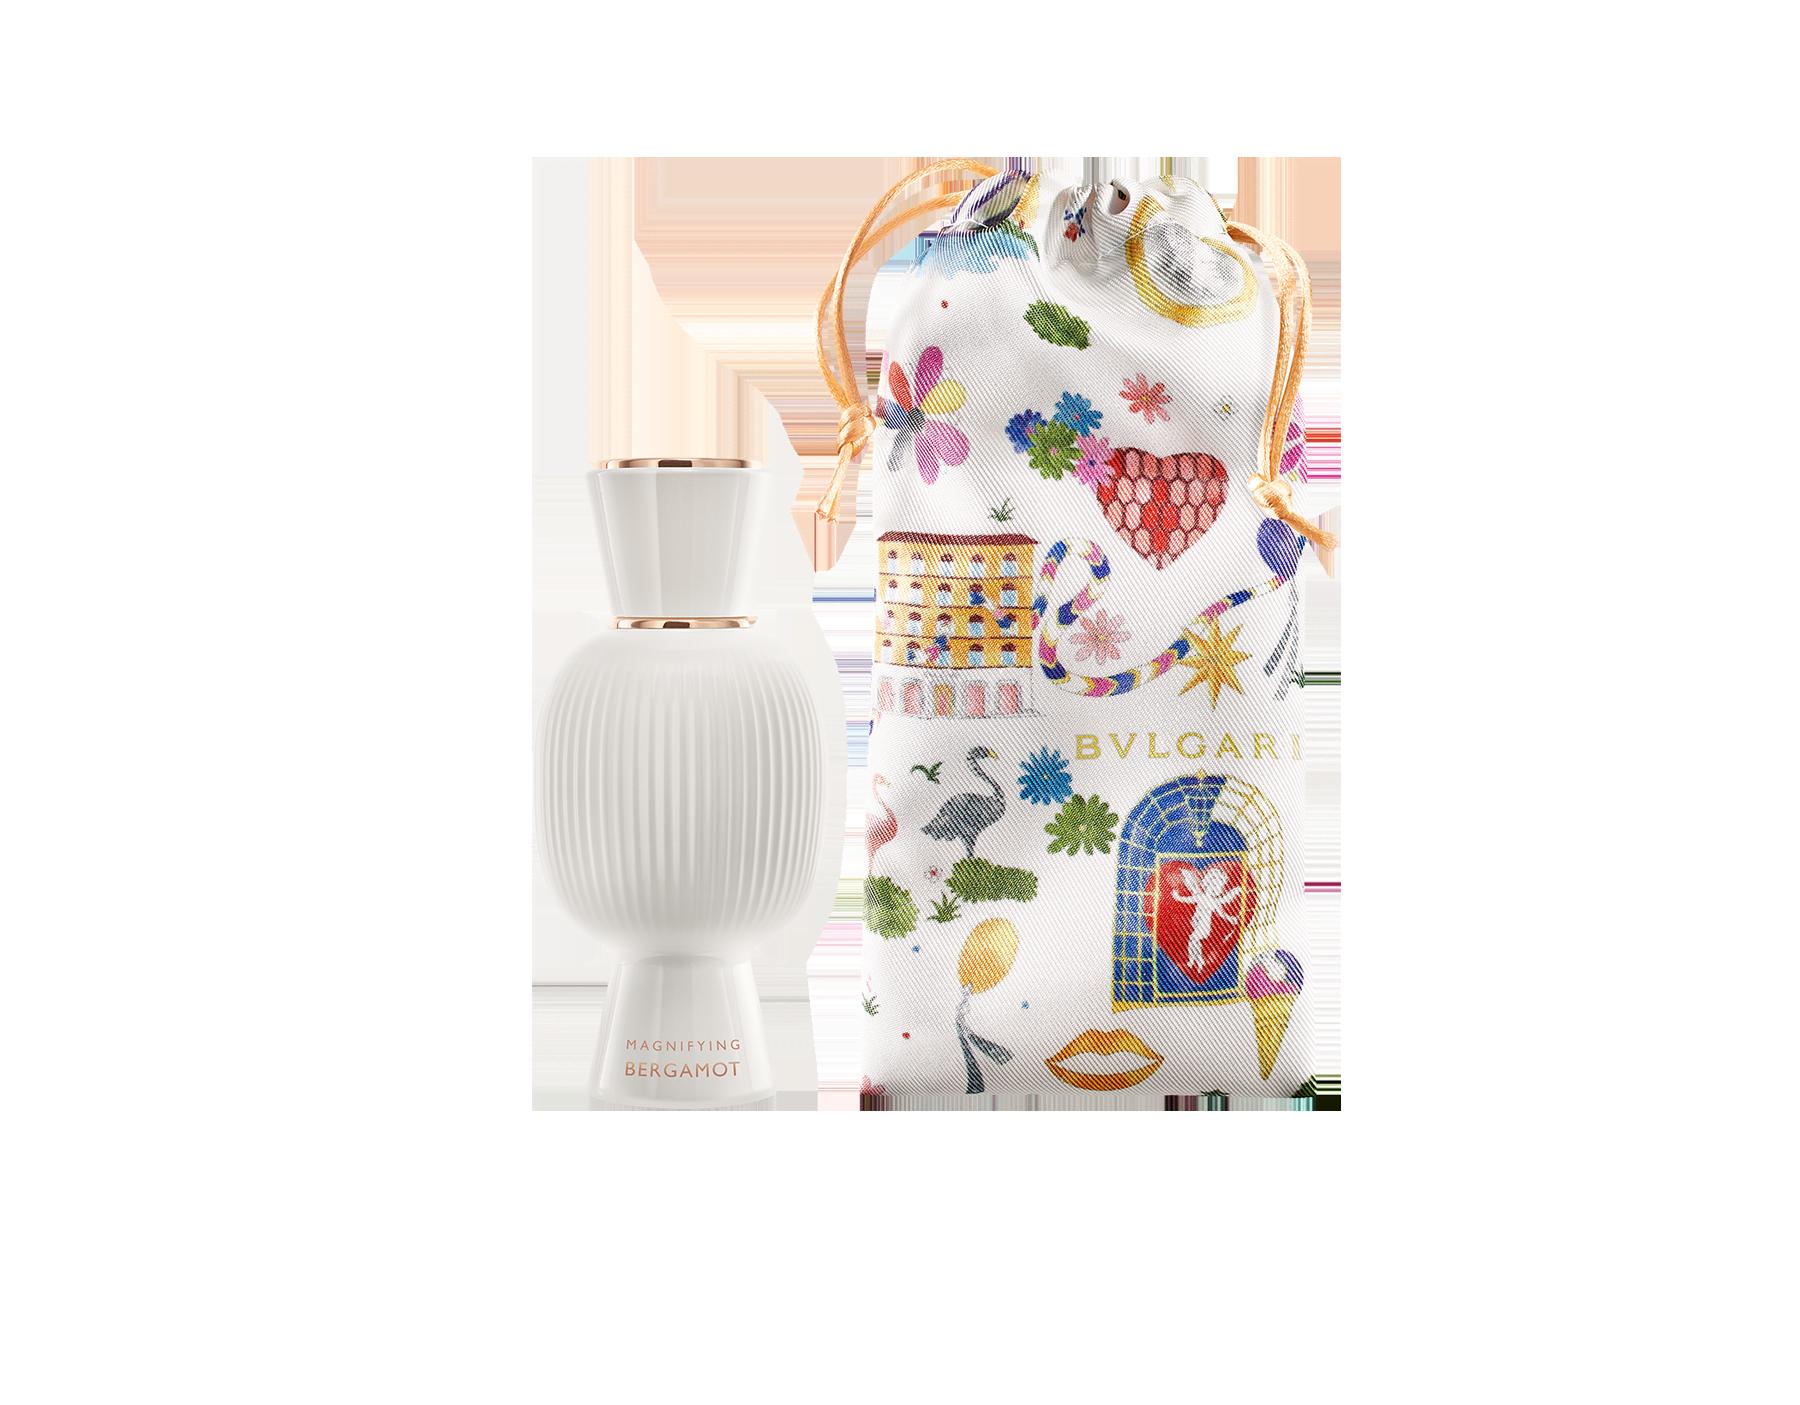 充滿活力的 Magnifying Bergamot 讓您的淡香精散發清新香息。<br>#放大更多喜悅 41277 image 4